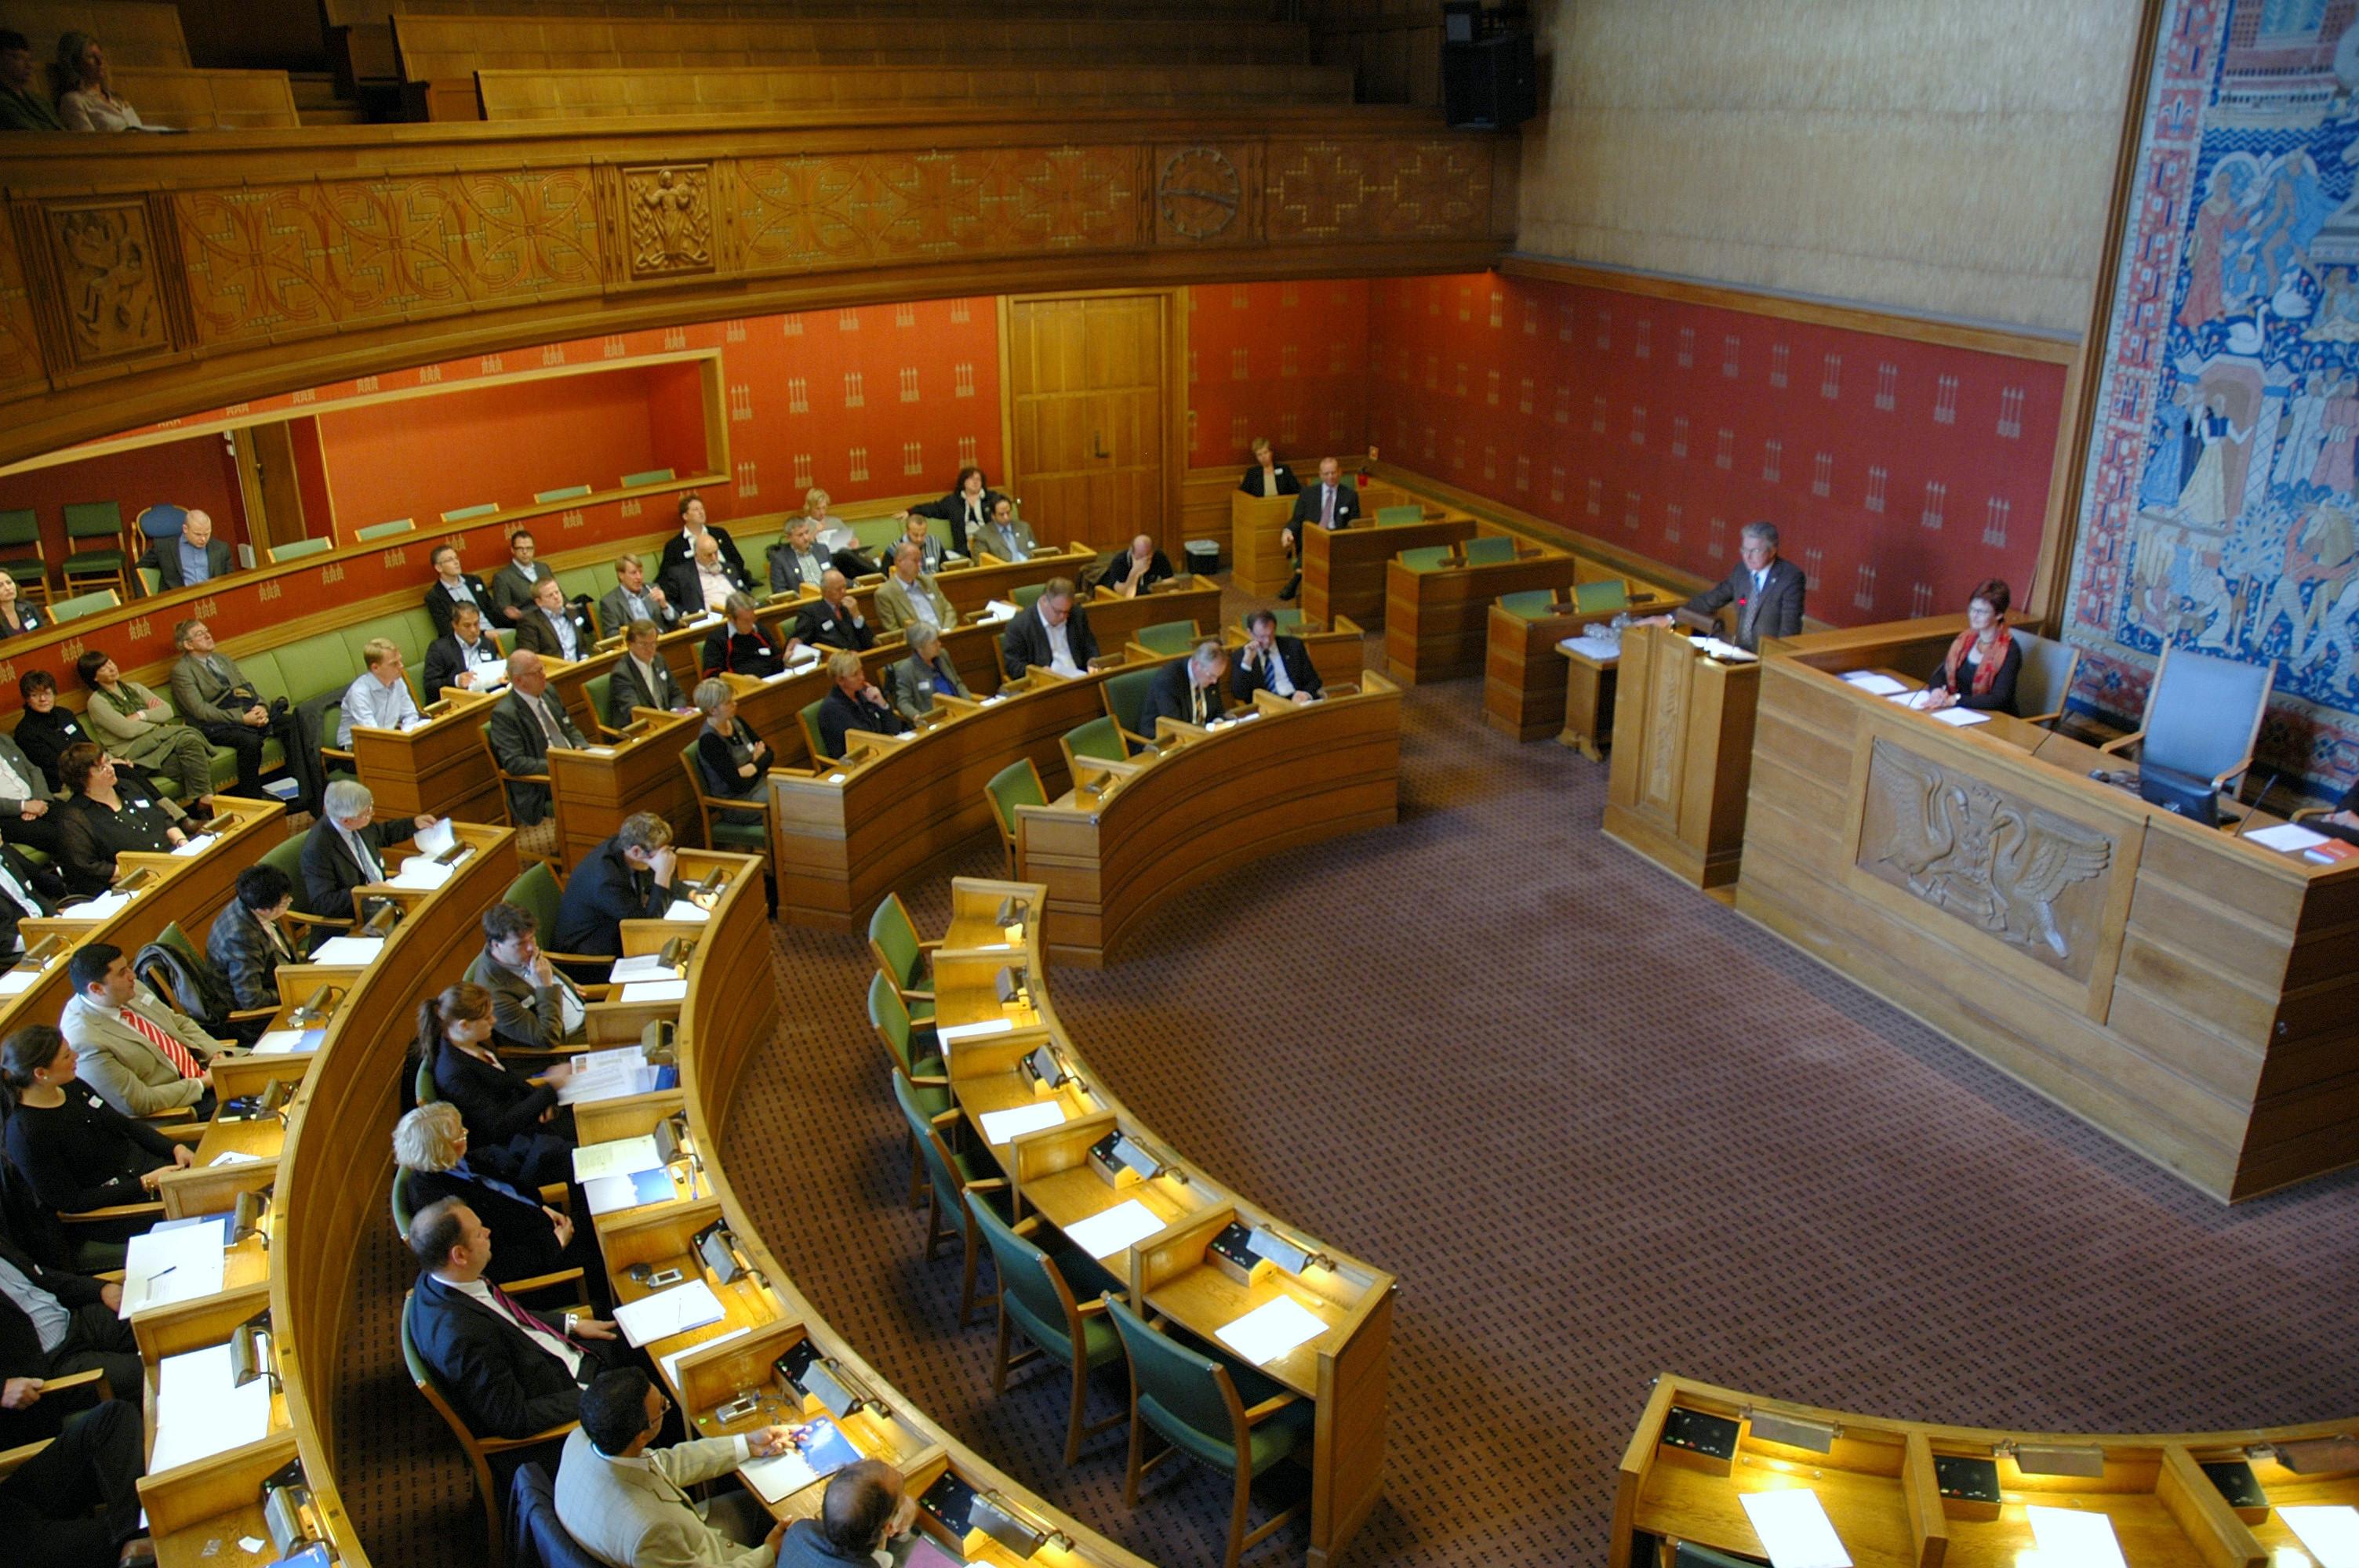 I Bystyresalen blir det mye snakk om Vålerenga Hockey i dag rundt klokka to. Foto: Kjetil Bjørnsrud [CC BY-SA 3.0] via Wikimedia Commons